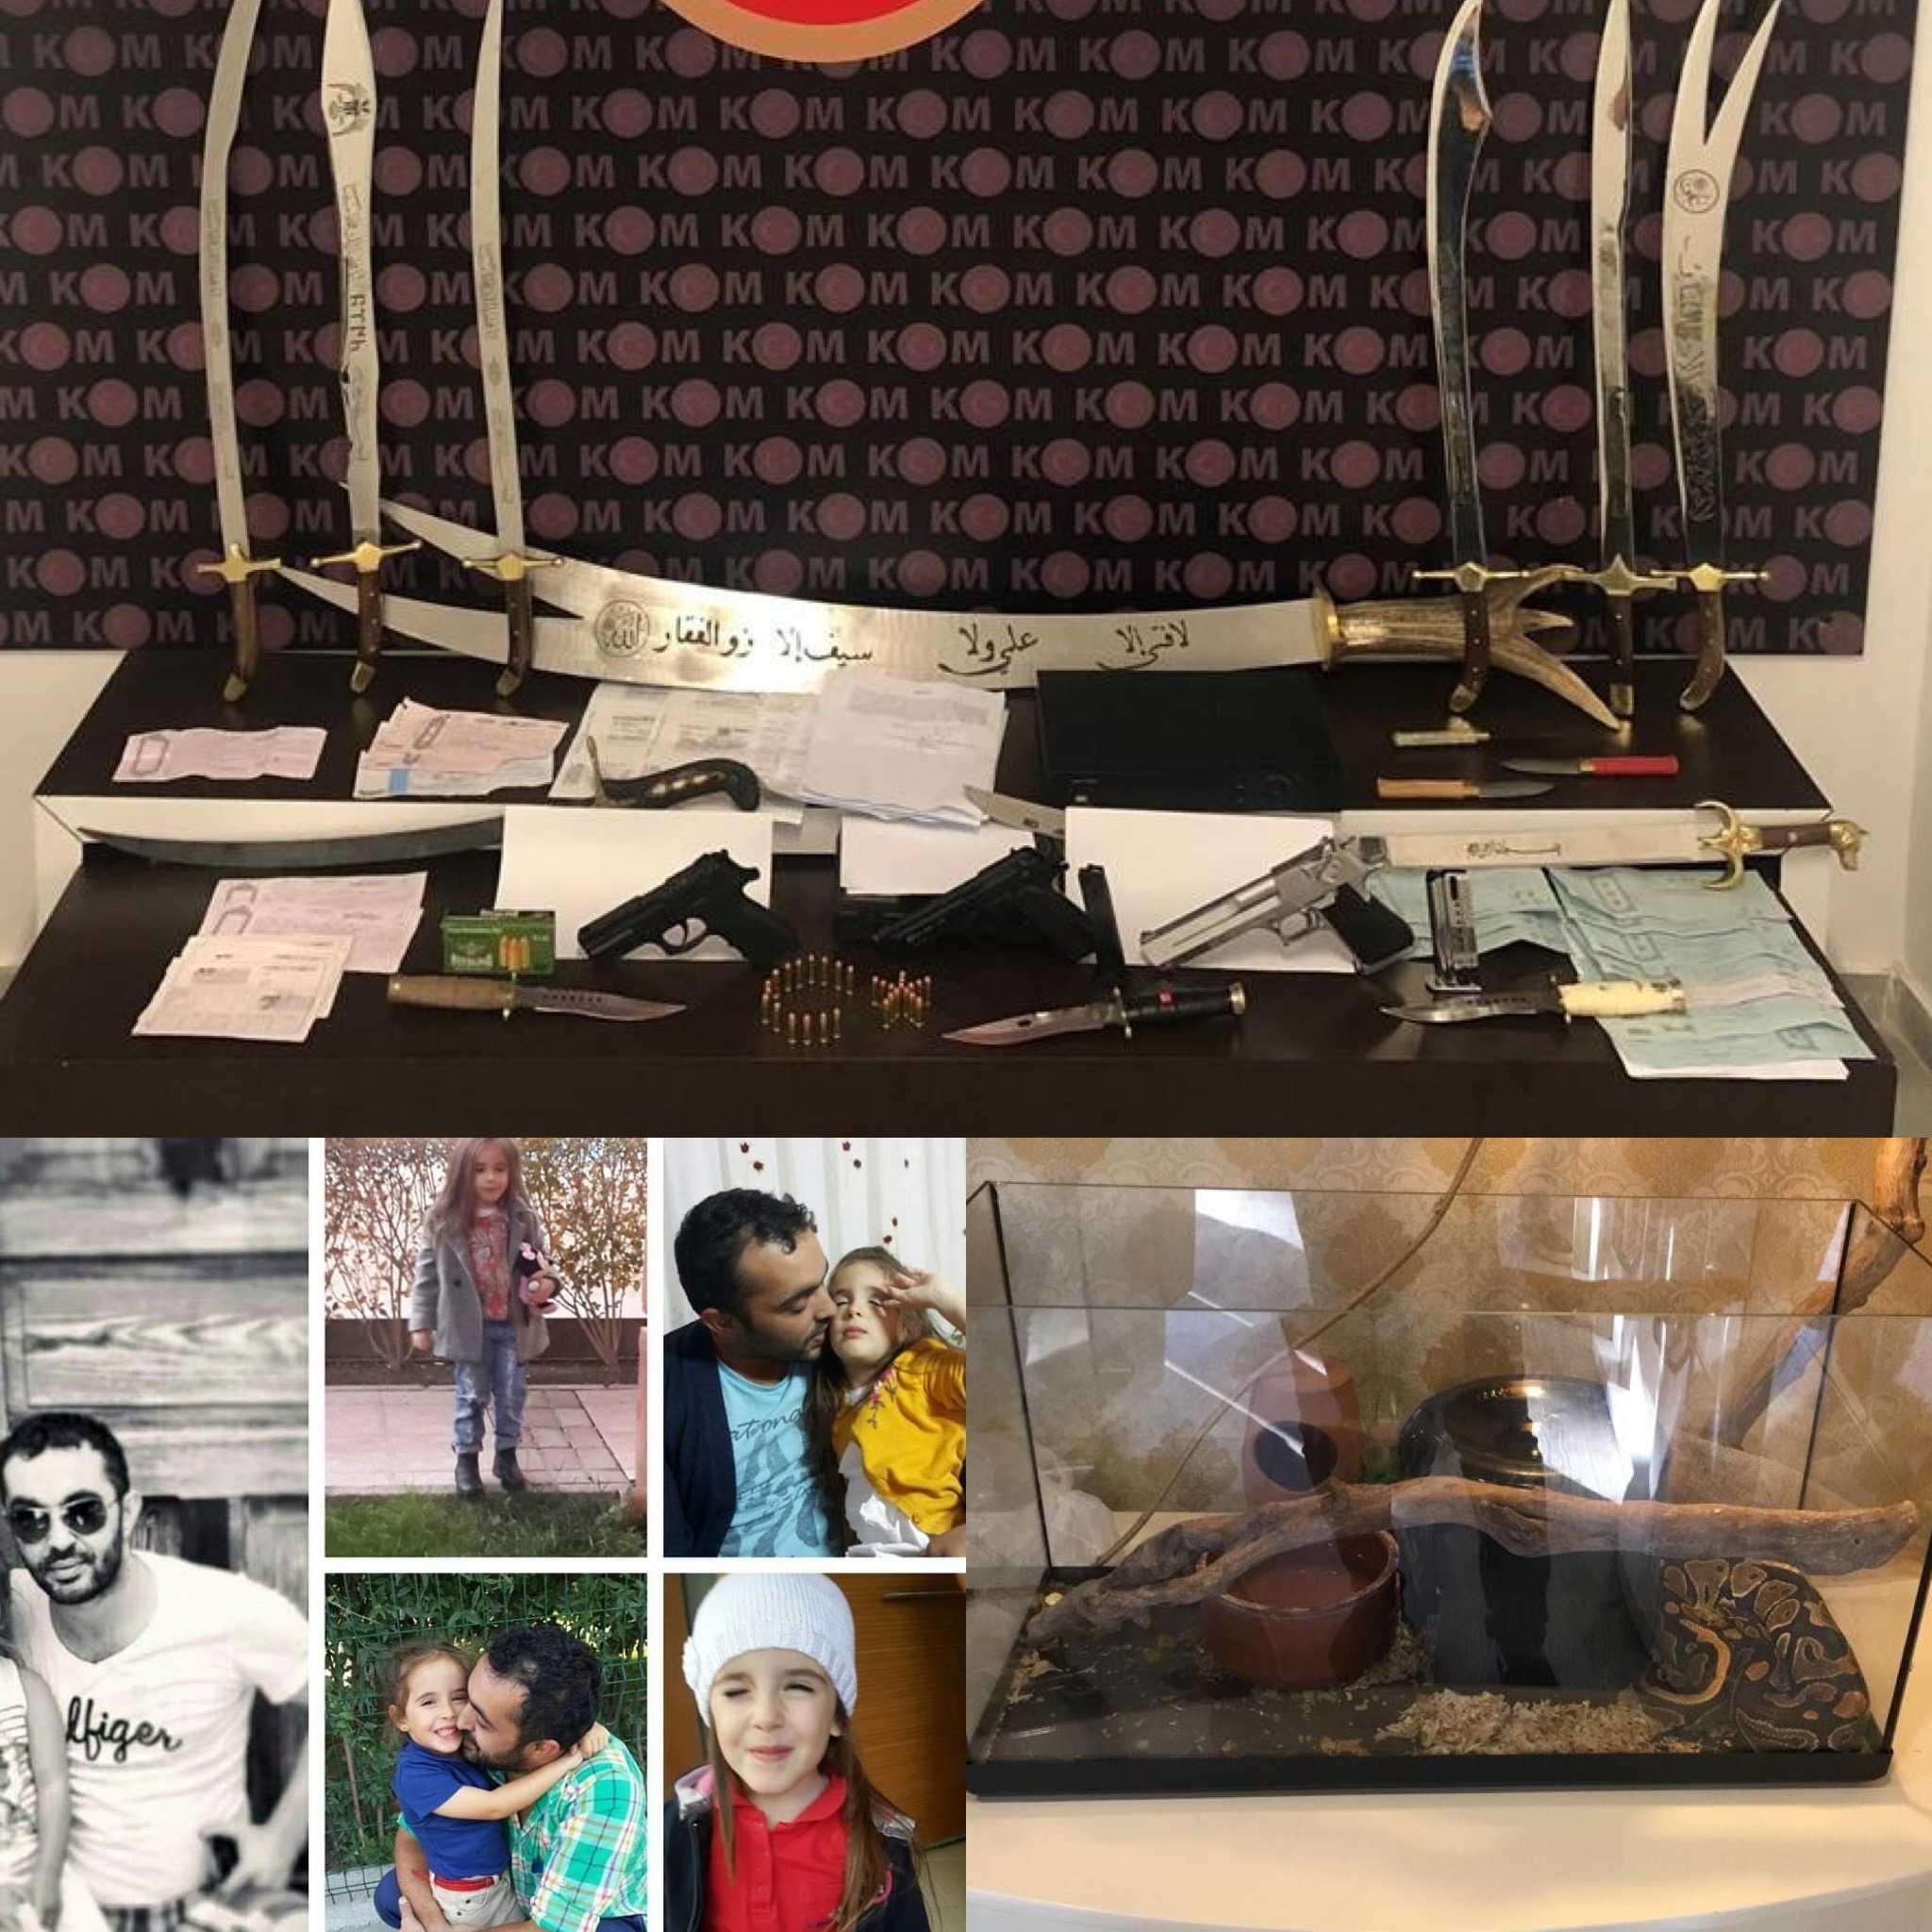 Antalya'da siyanürle intihar eden adamın tefecilere borç senedi bulundu